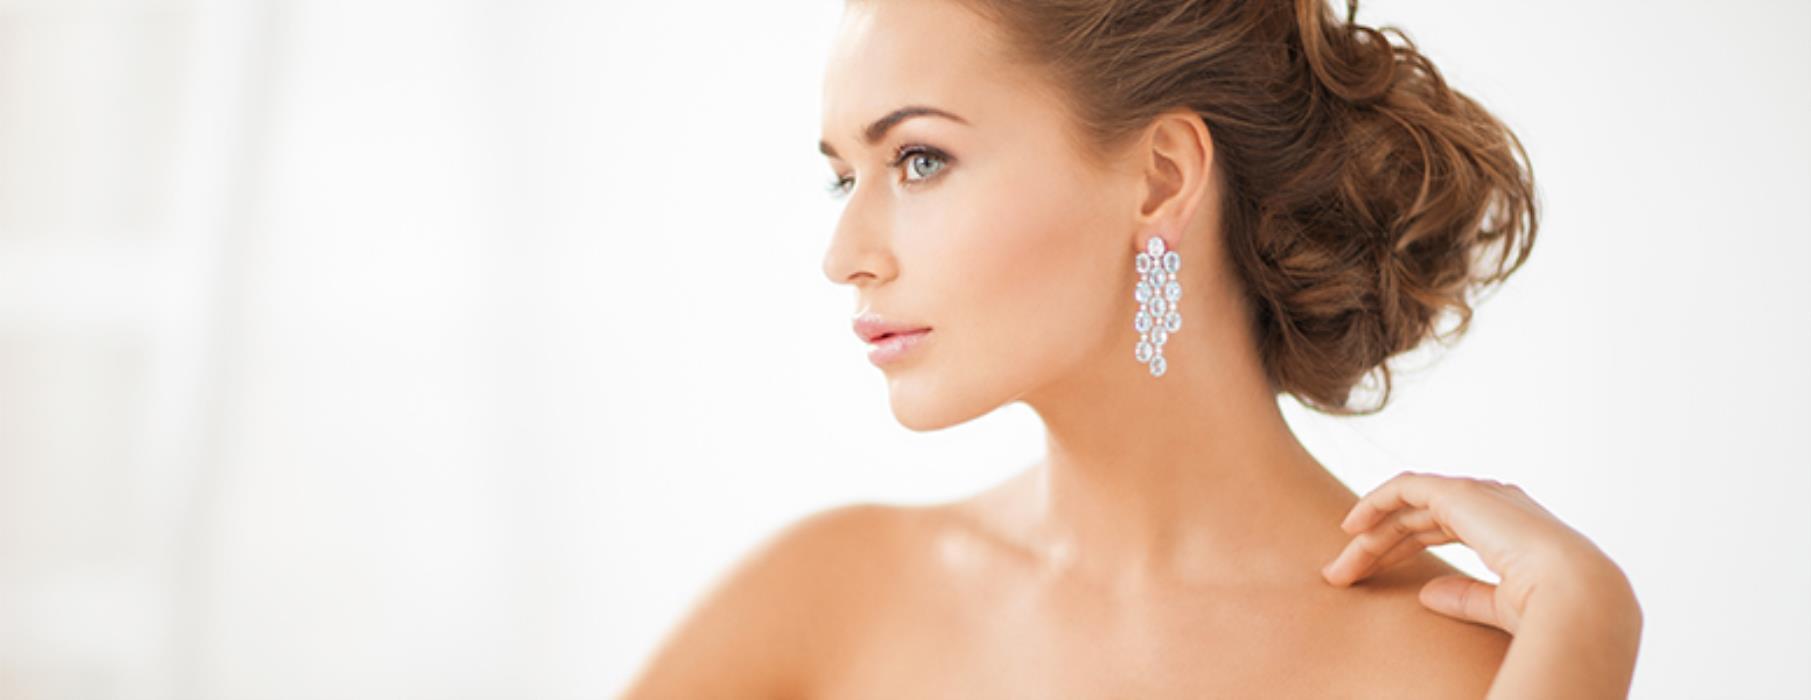 Consigli utili per i gioielli della sposa 8b55c9b02c94